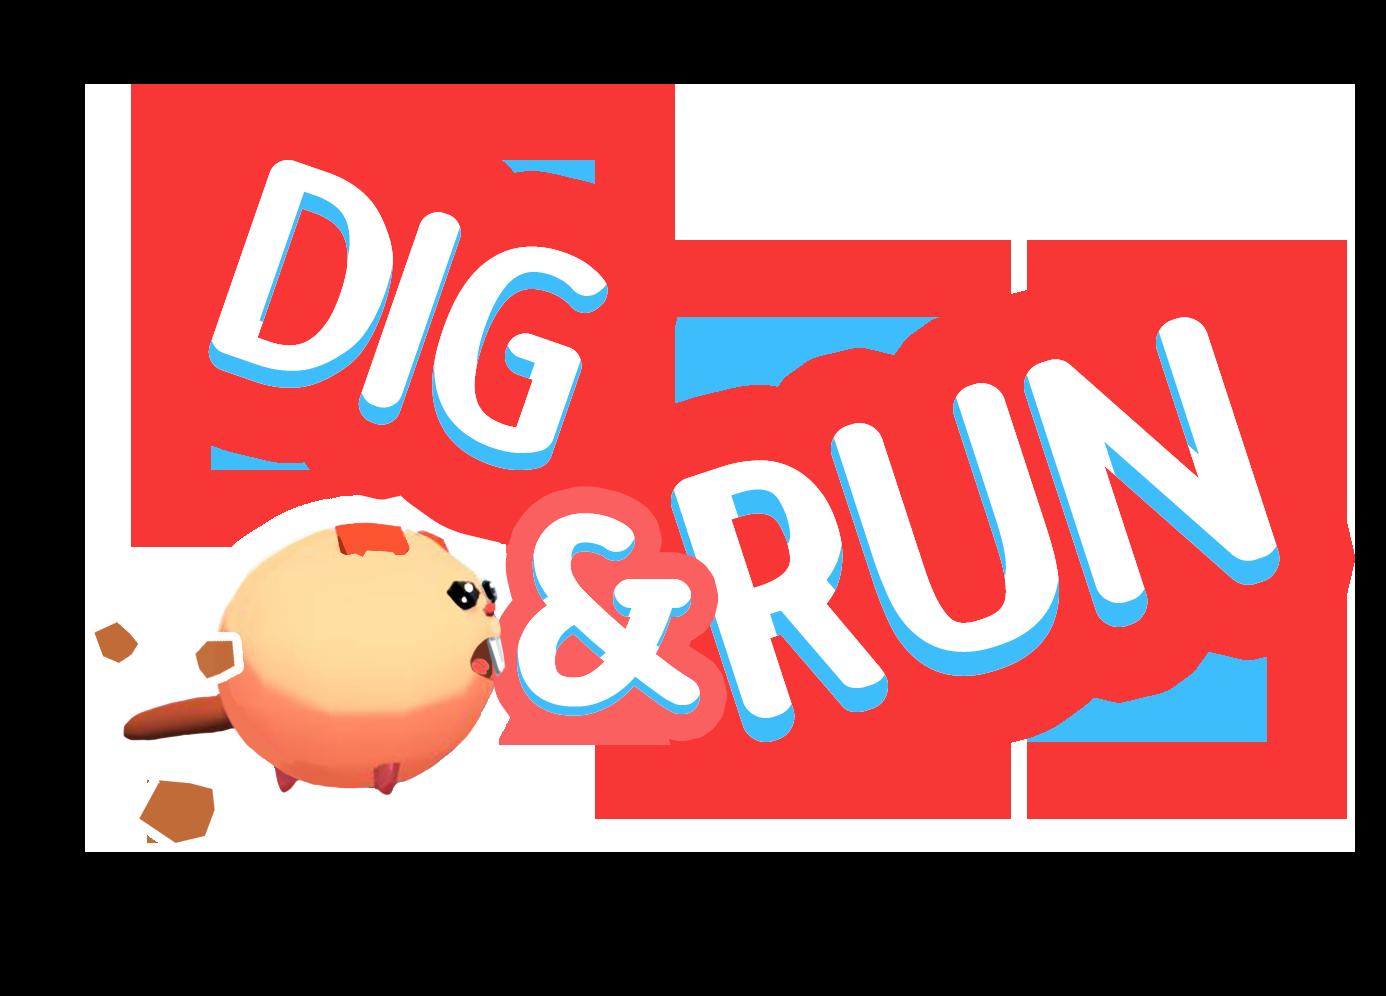 Dig & Run